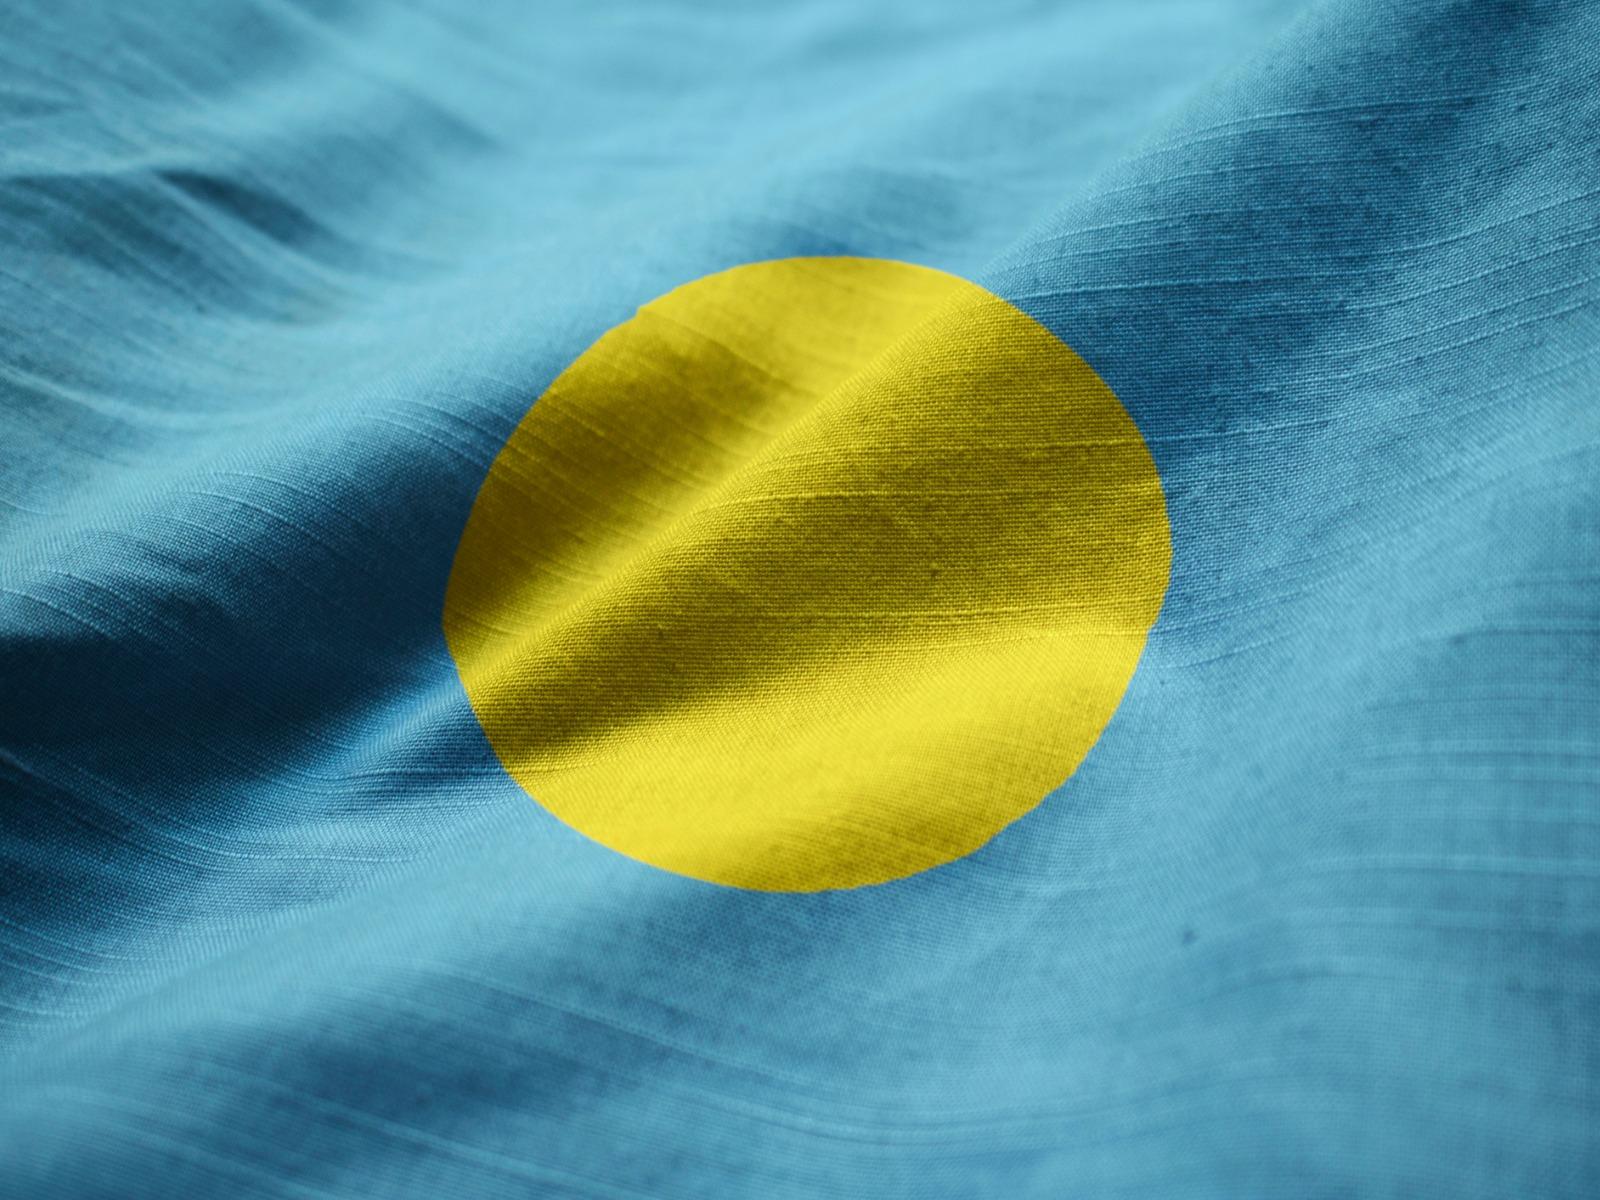 パラオの国旗にみる日本との関係とは?日本との歴史や国旗の成り立ち